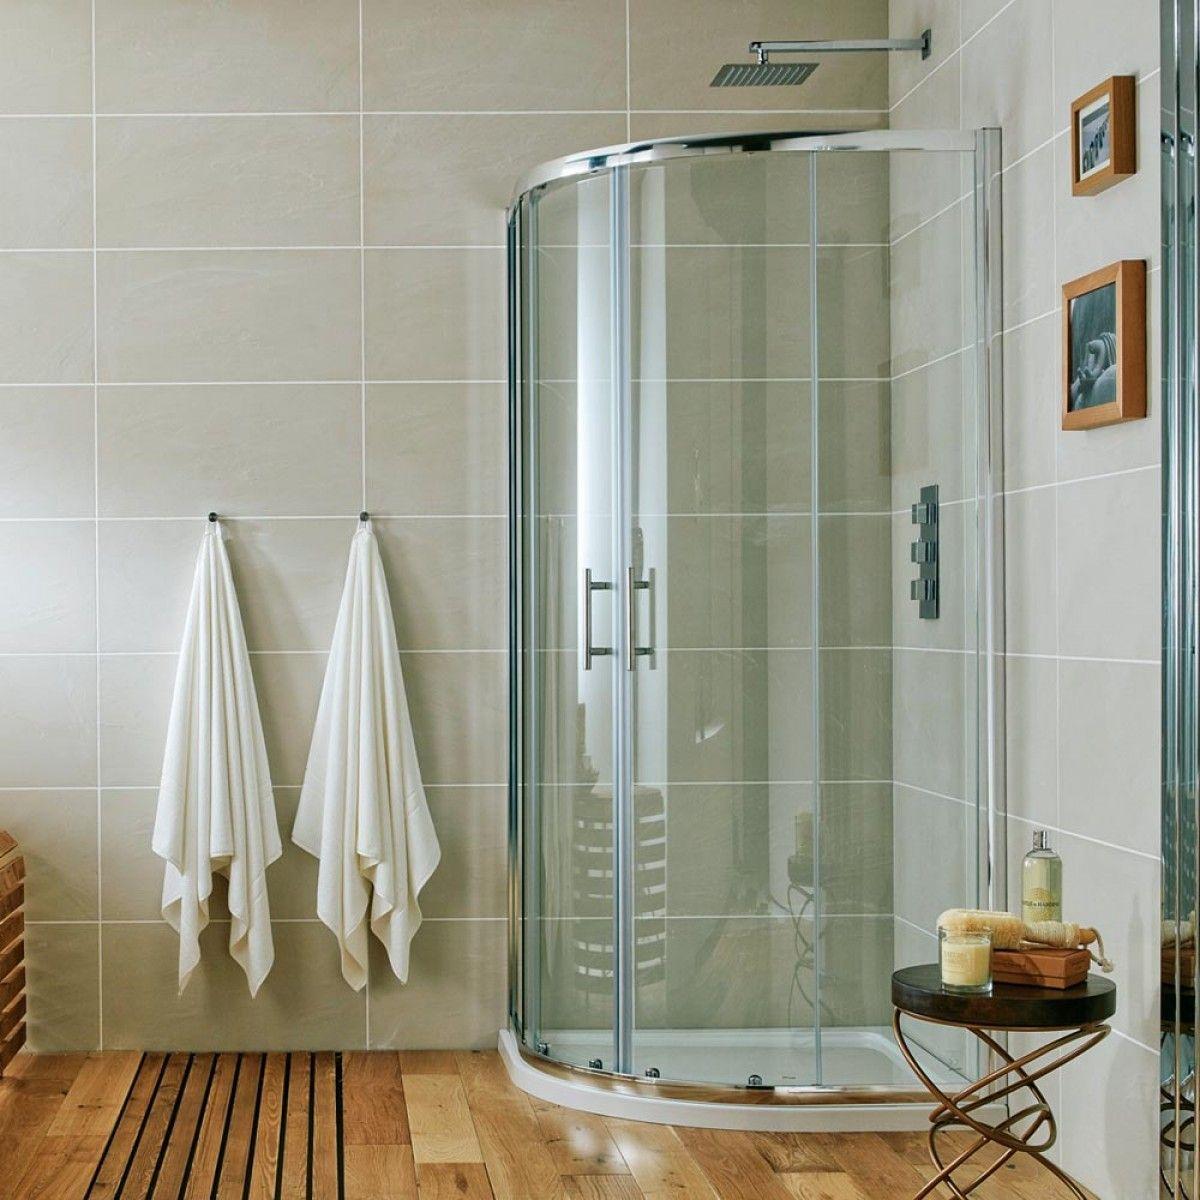 Harbour i easy clean mm door quadrant shower enclosure